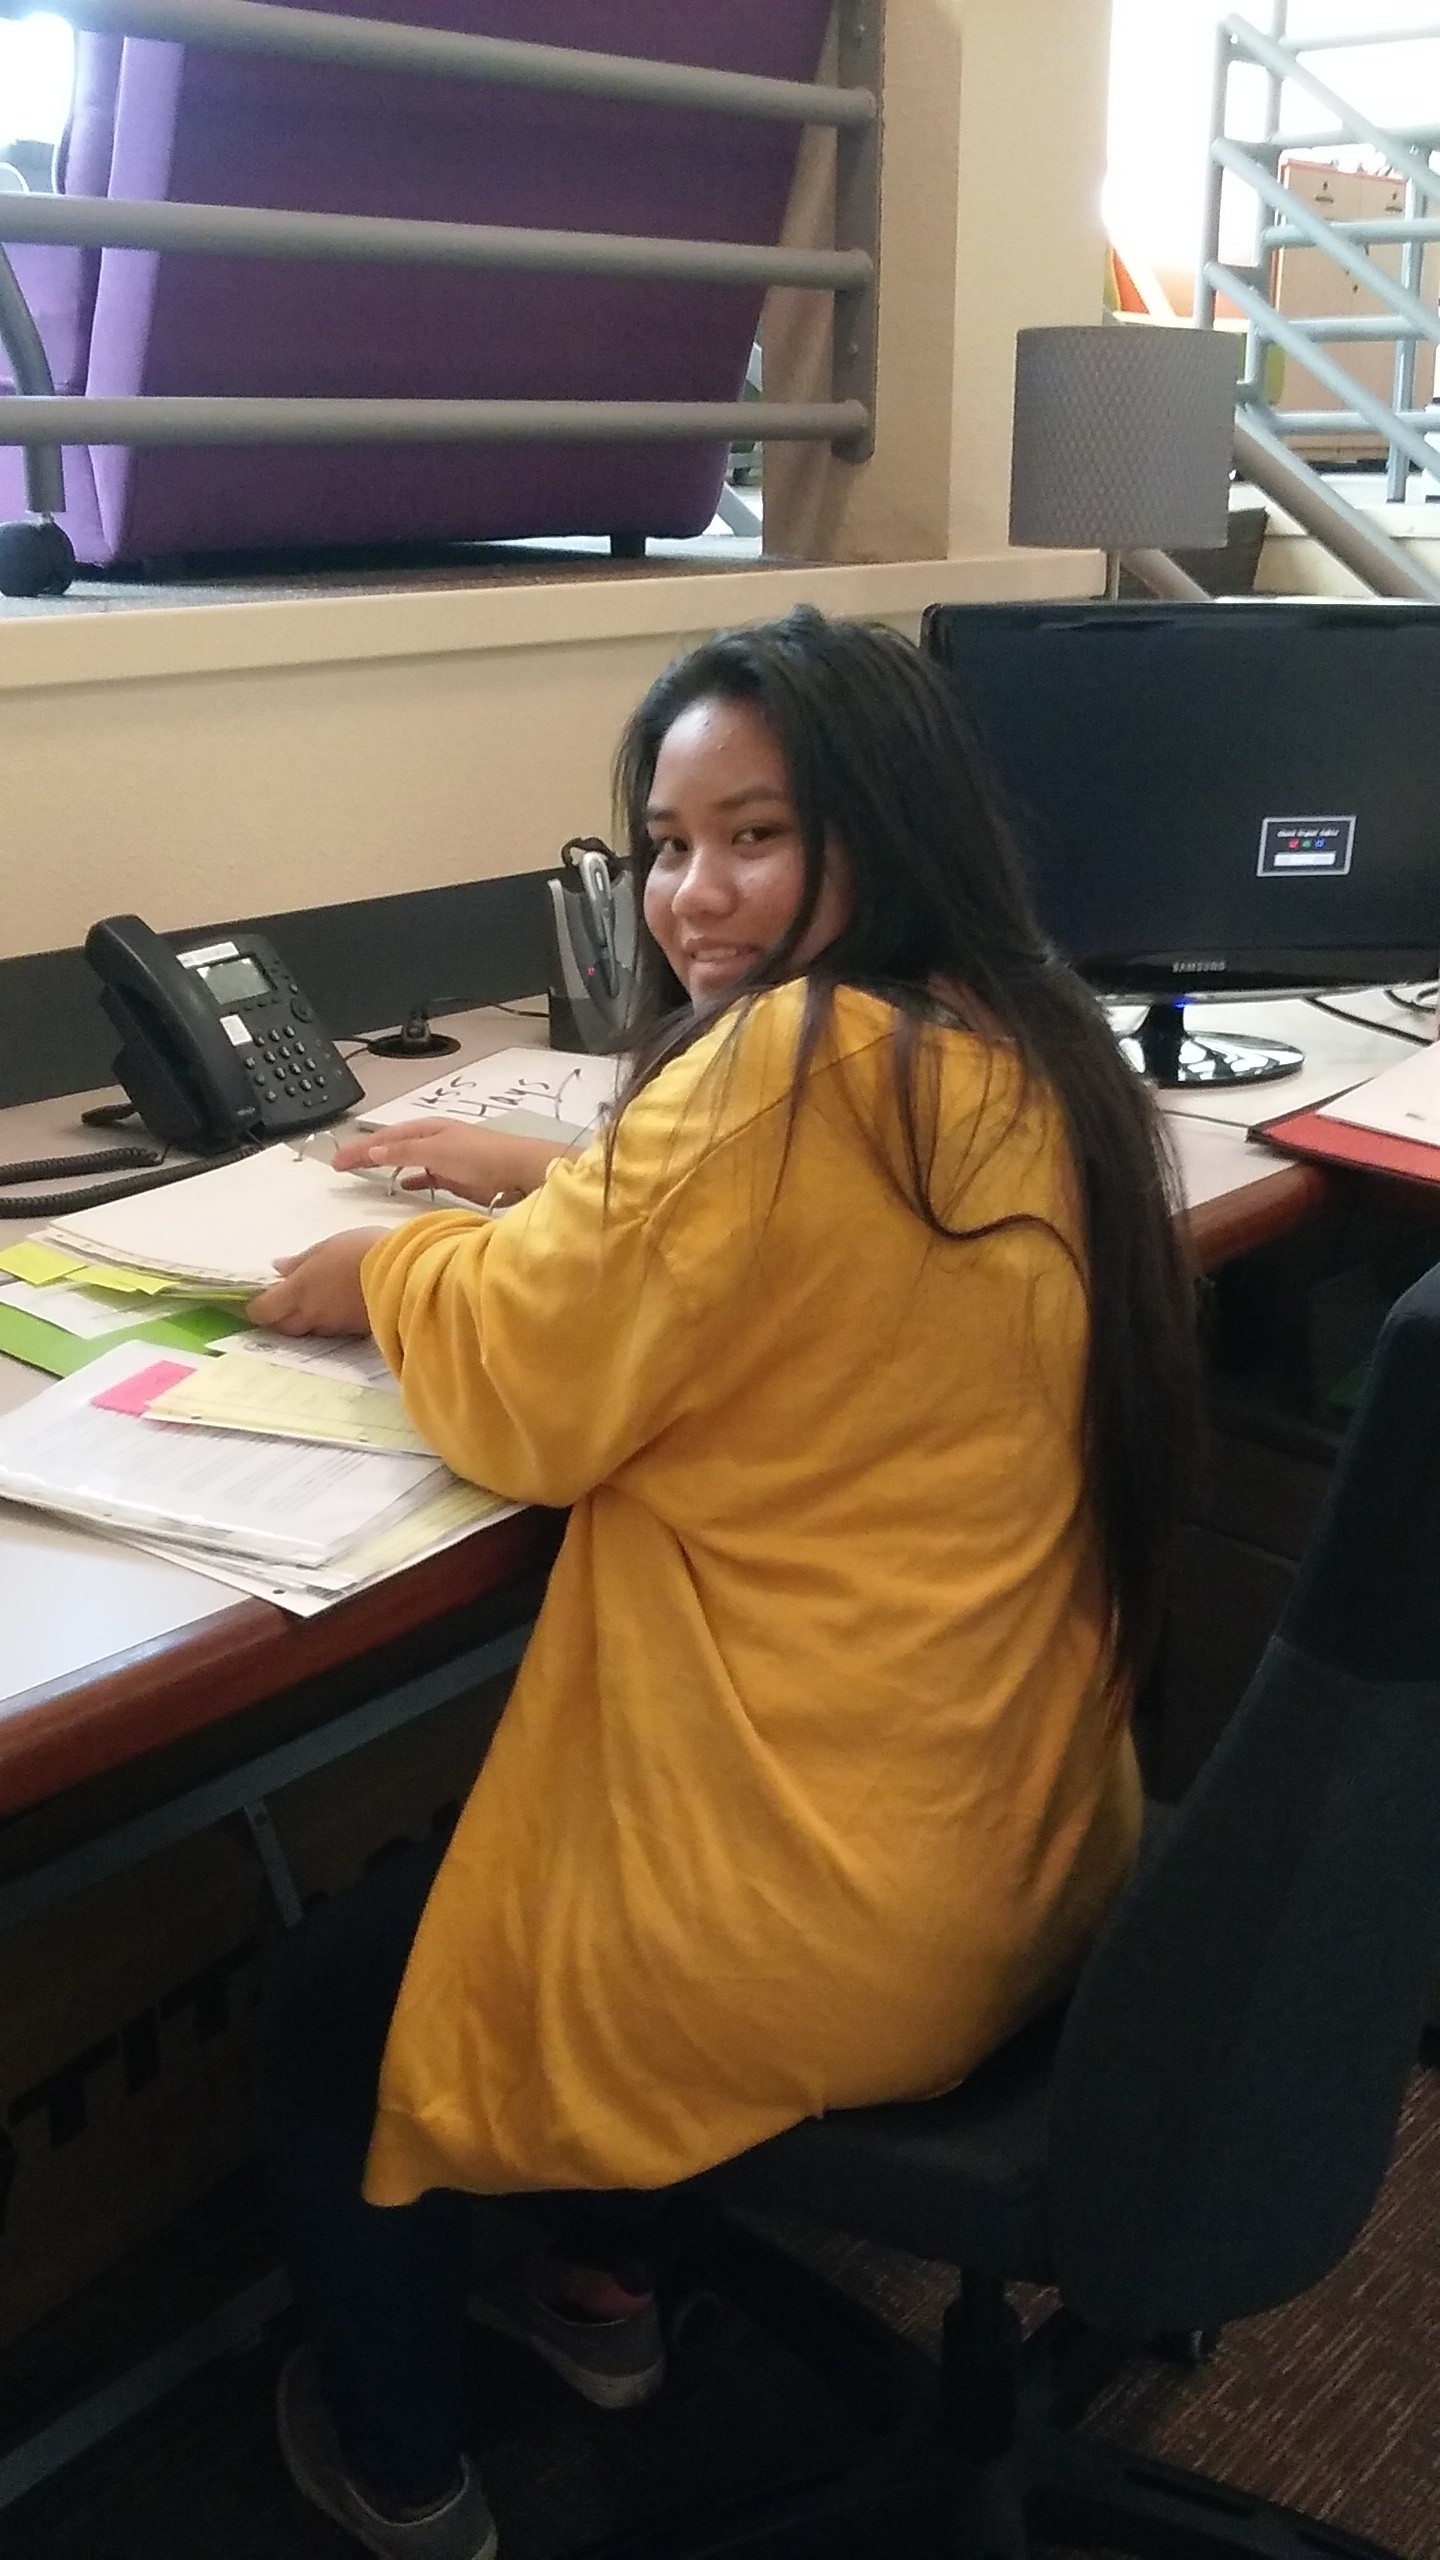 Anjelika organizing a project file